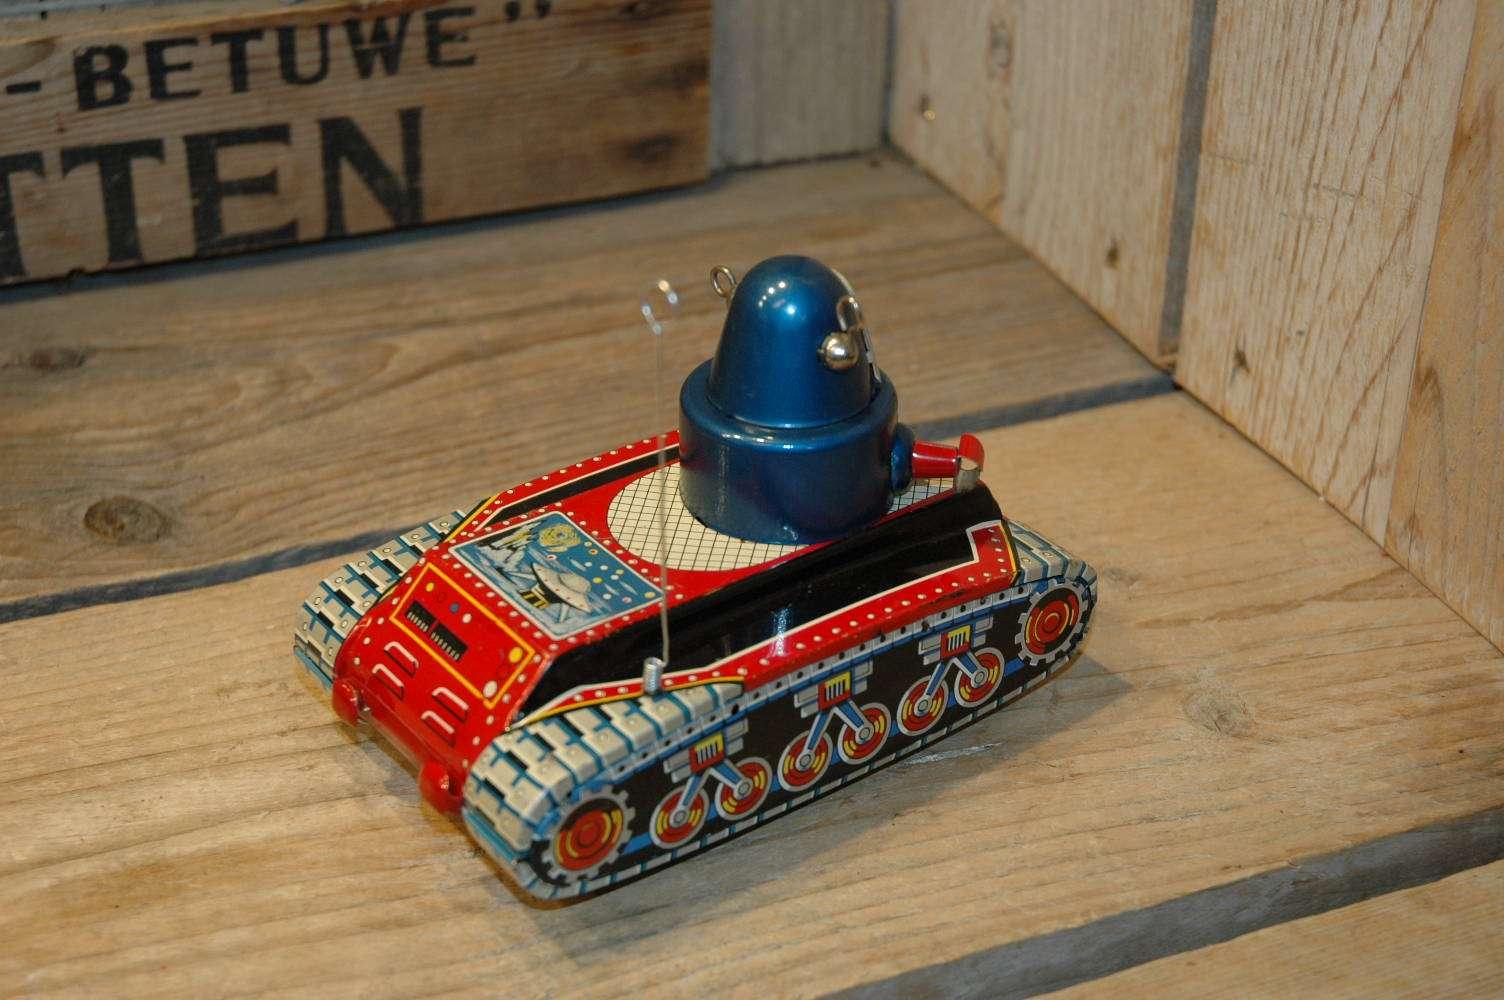 Yoshiya V-3 Robot Tank ( flying saucer version )